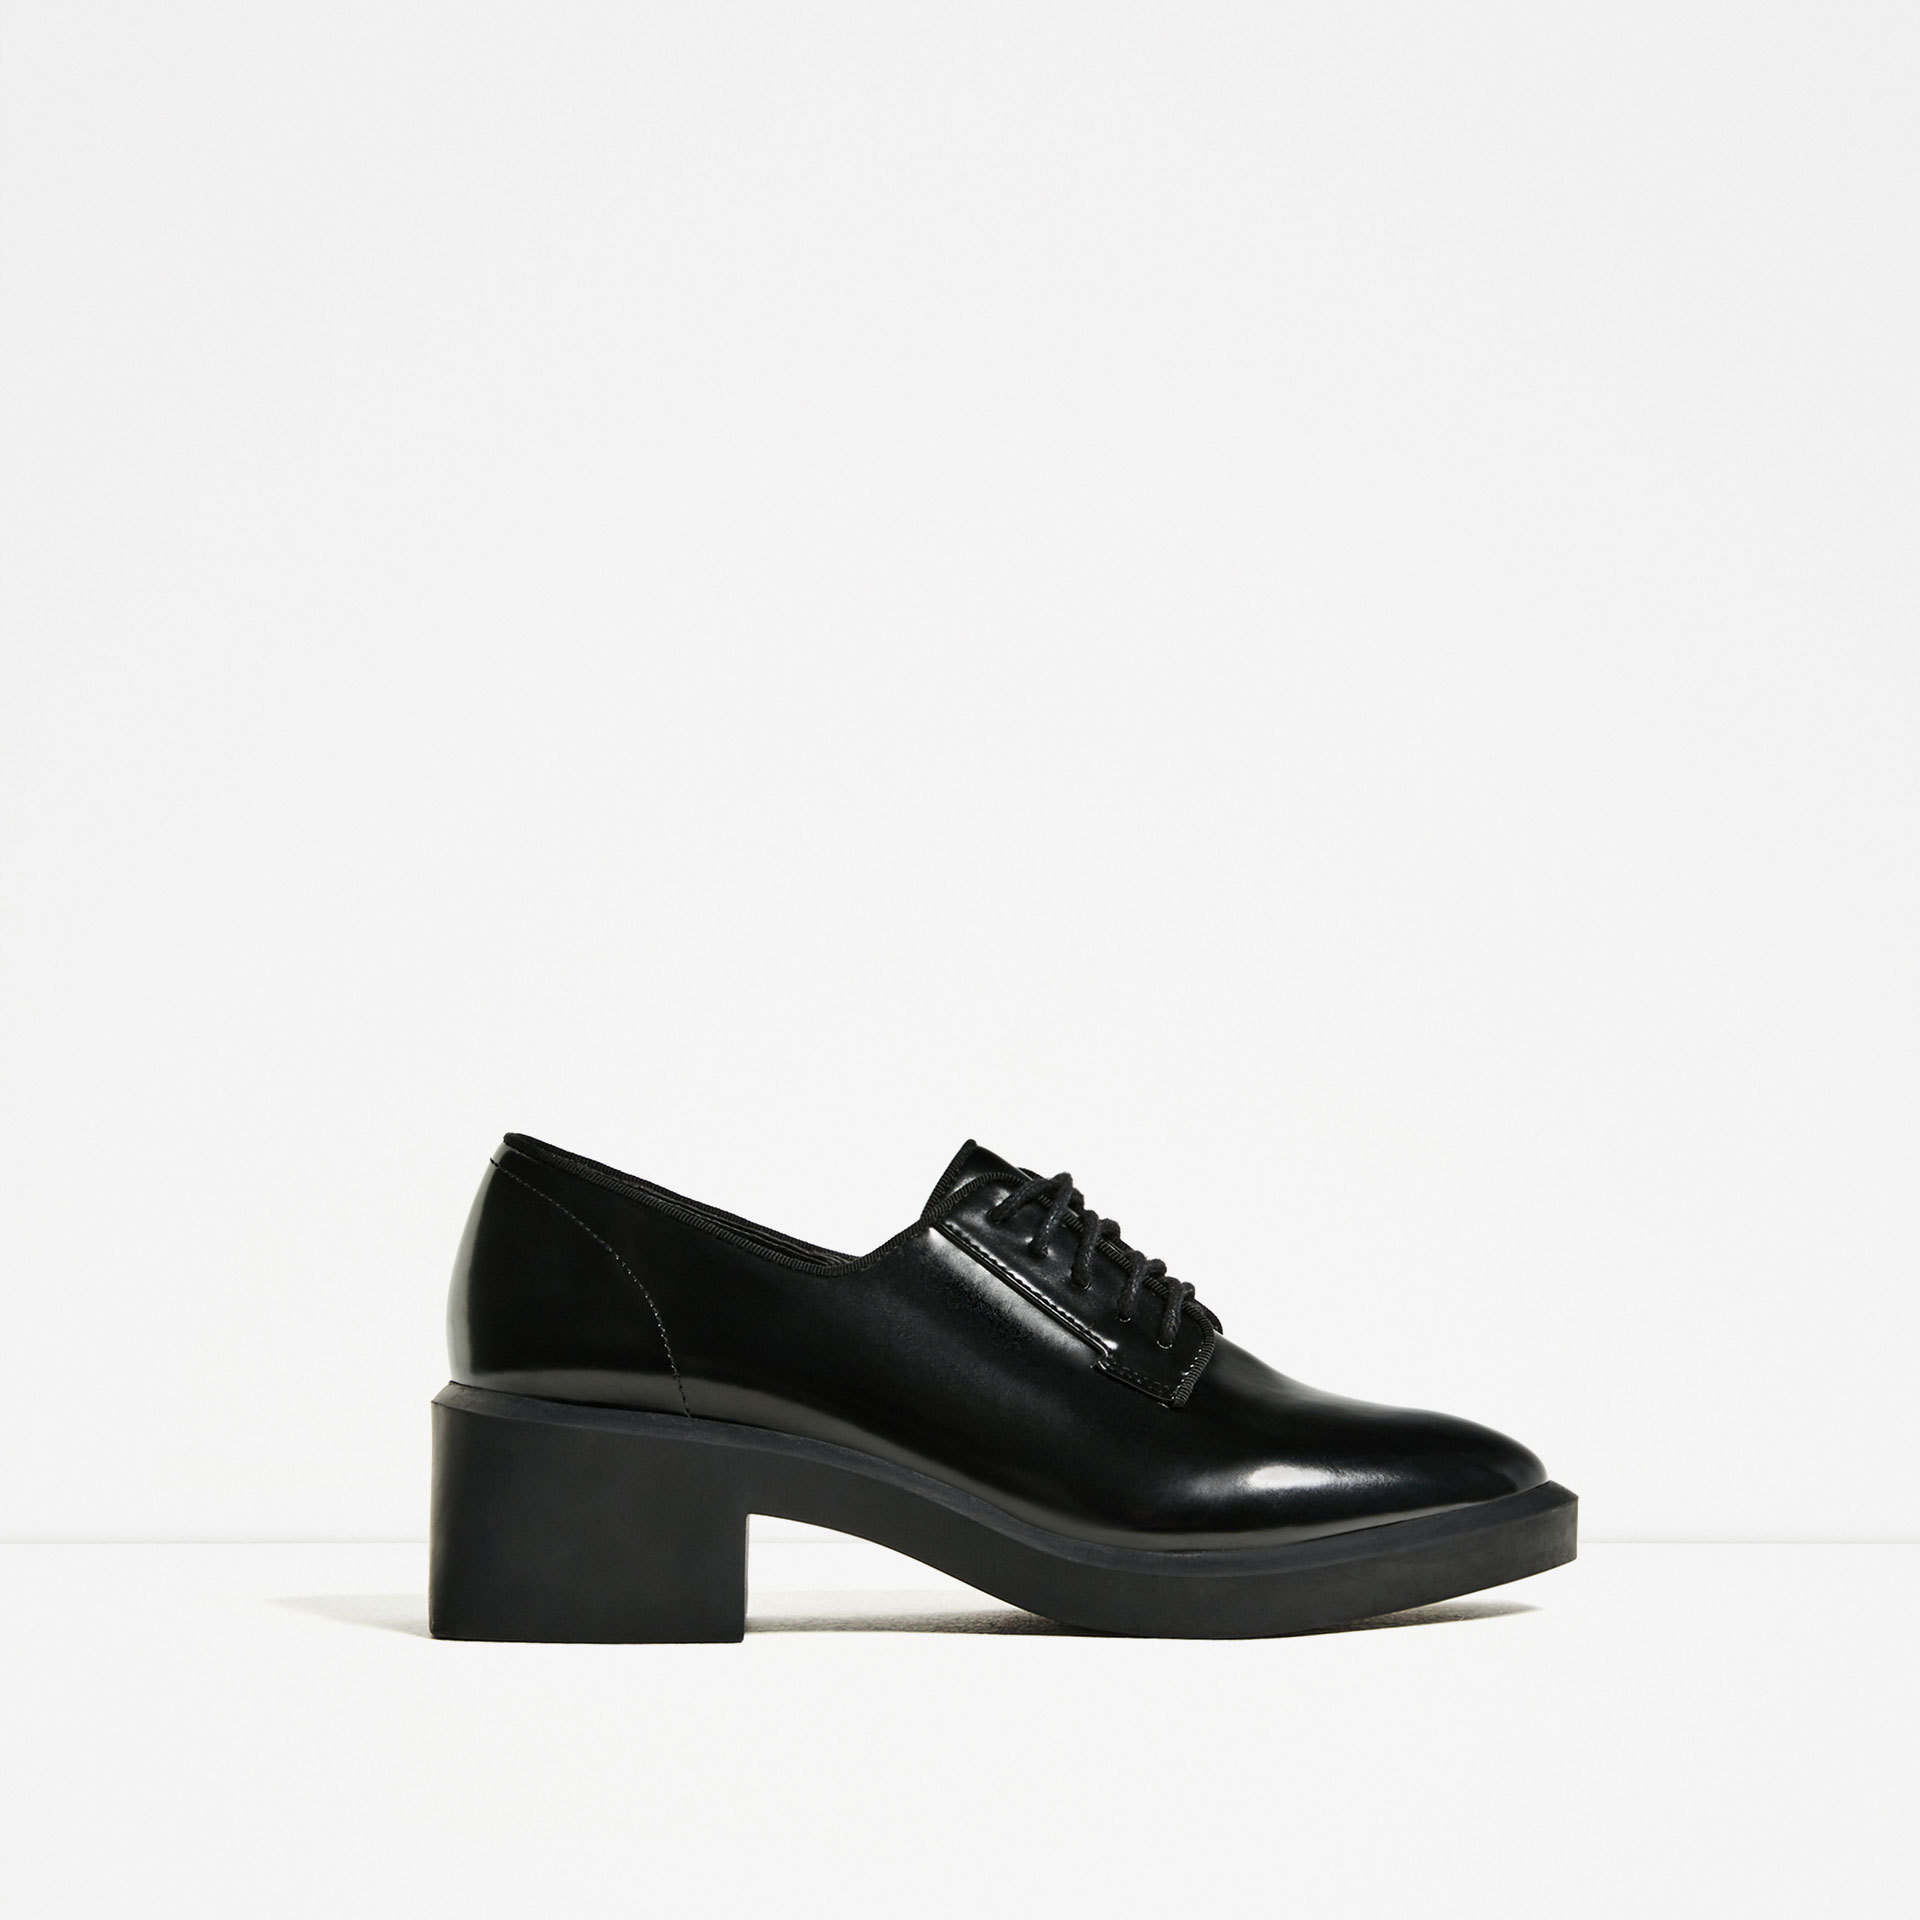 欧美女鞋英伦风粗跟系带学院风小皮鞋女式厚底中跟德比鞋单鞋7296